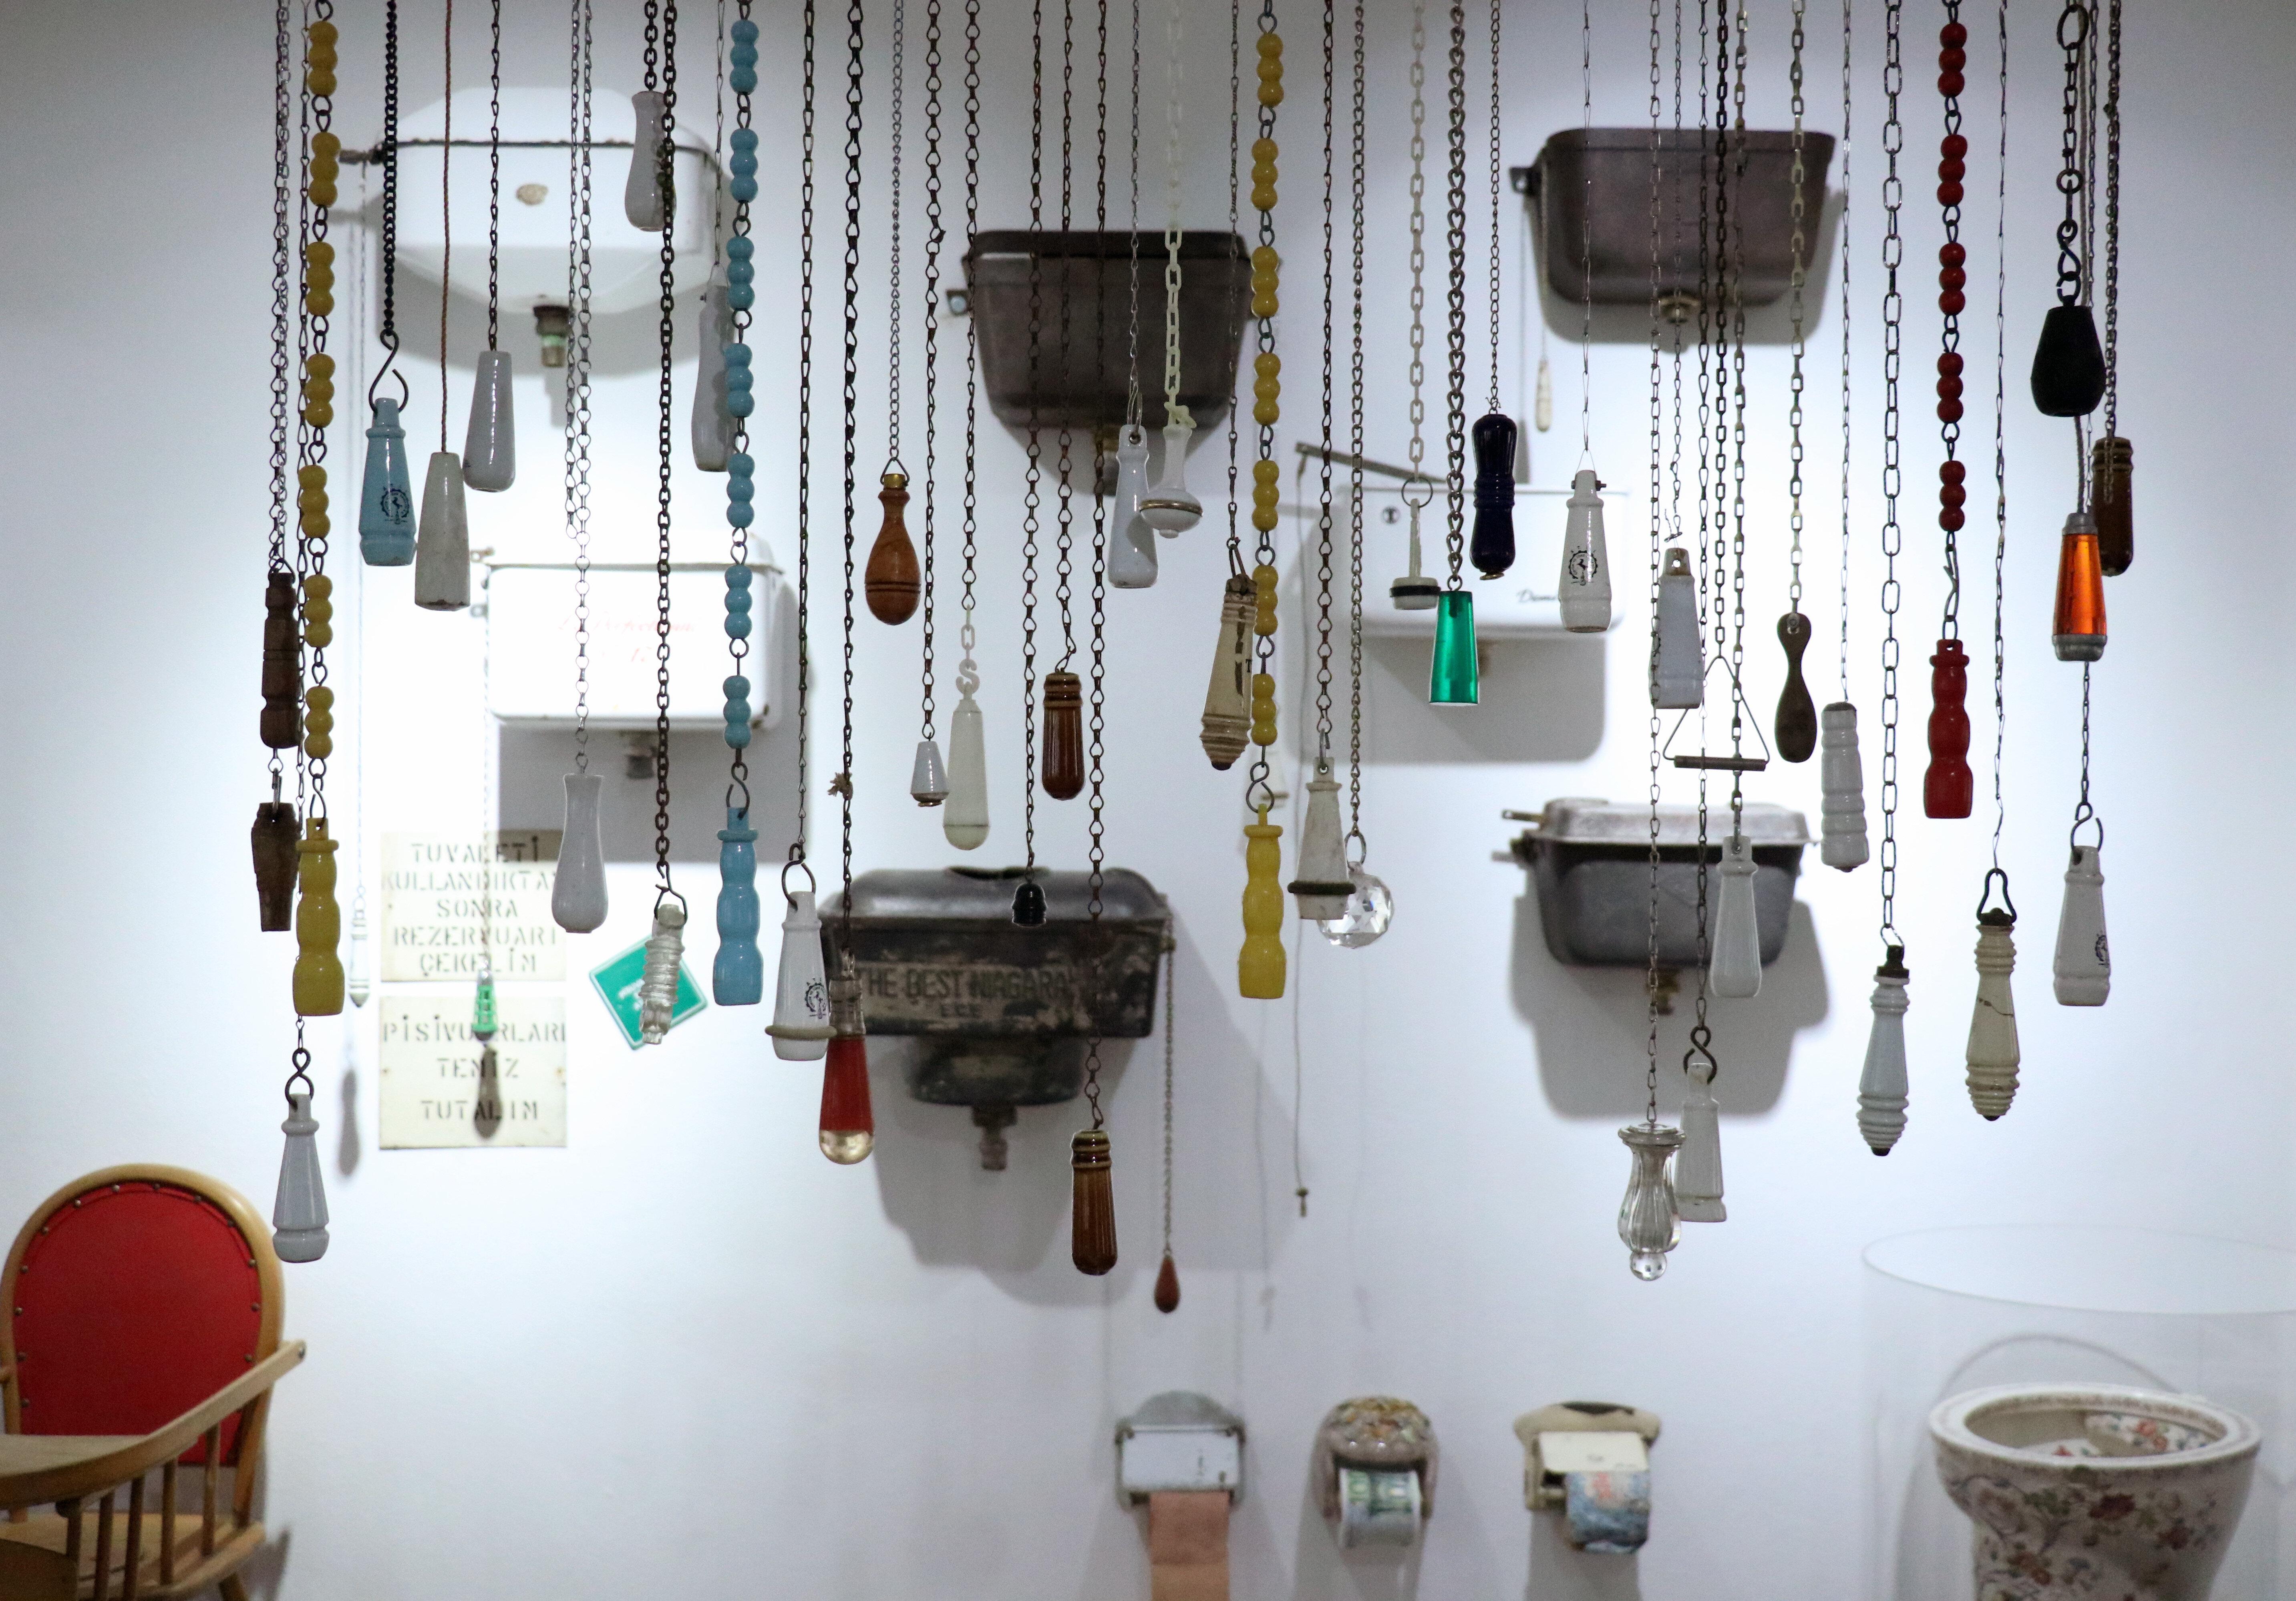 منذ العصر الروماني.. تاريخ المراحيض في معرض بإسطنبولn